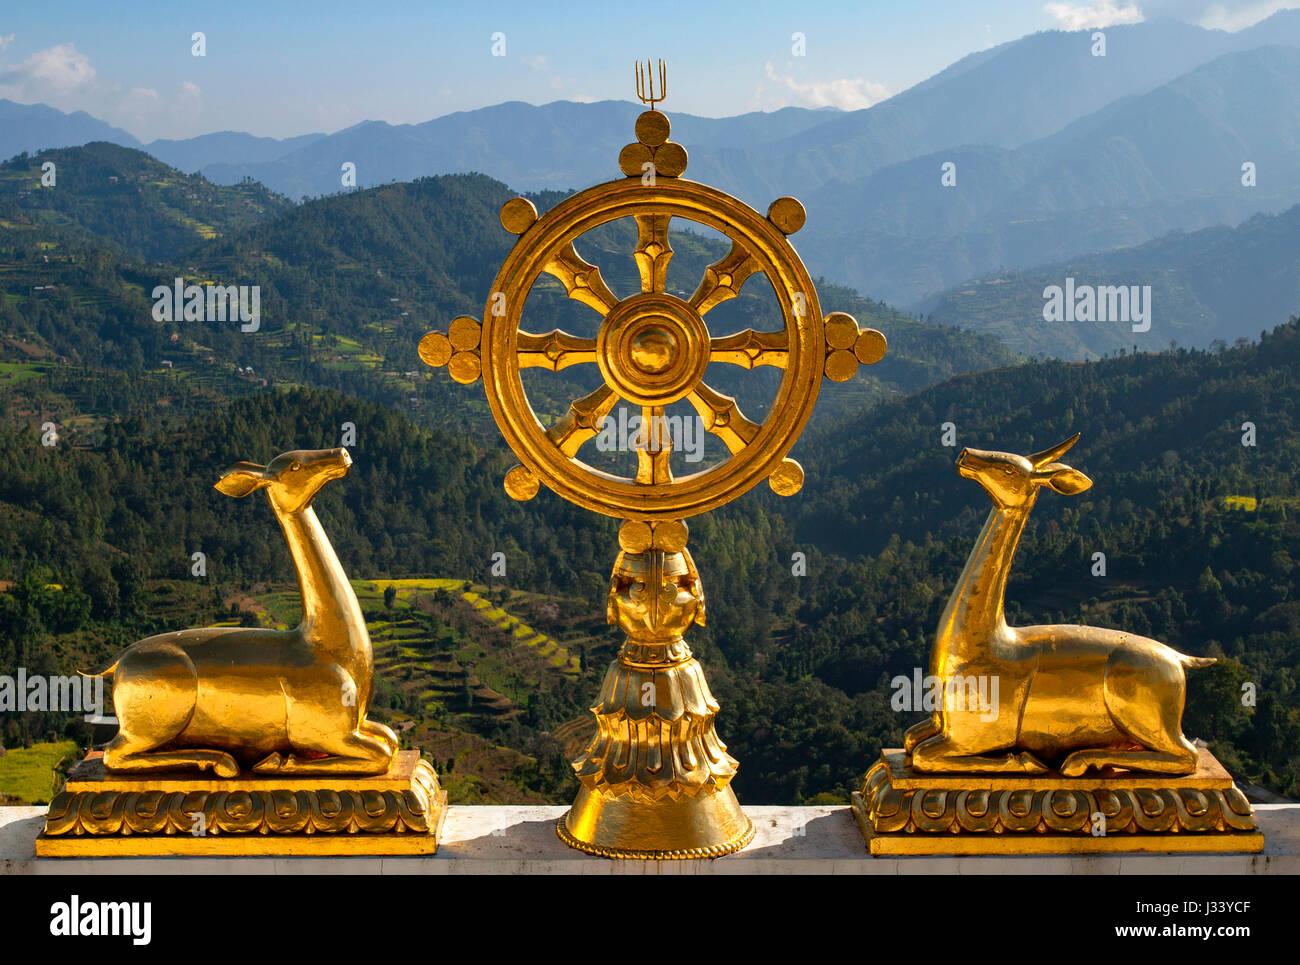 La ruota del dharma (Dharmacakra) dell'Thrangu Tashi Yangtse monastero Buddista in Namo Buddha. Il Nepal. Immagini Stock